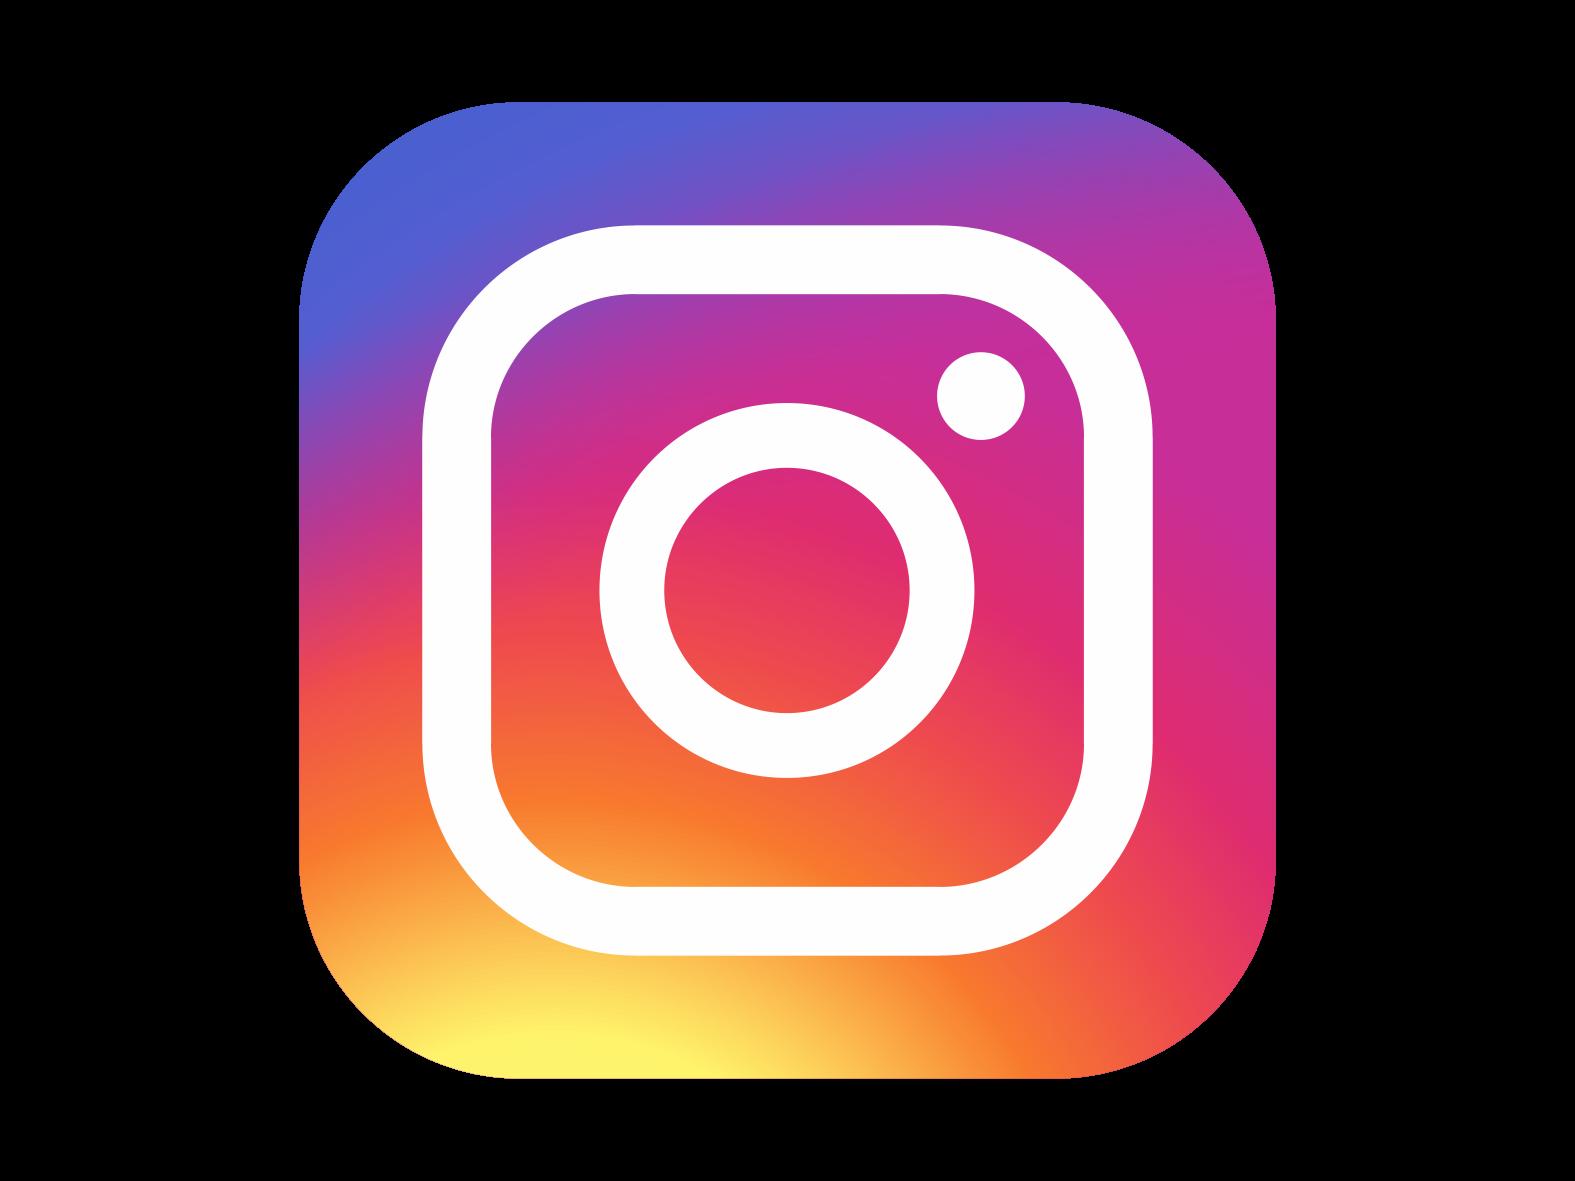 Instagram Hd Logo Png Images.